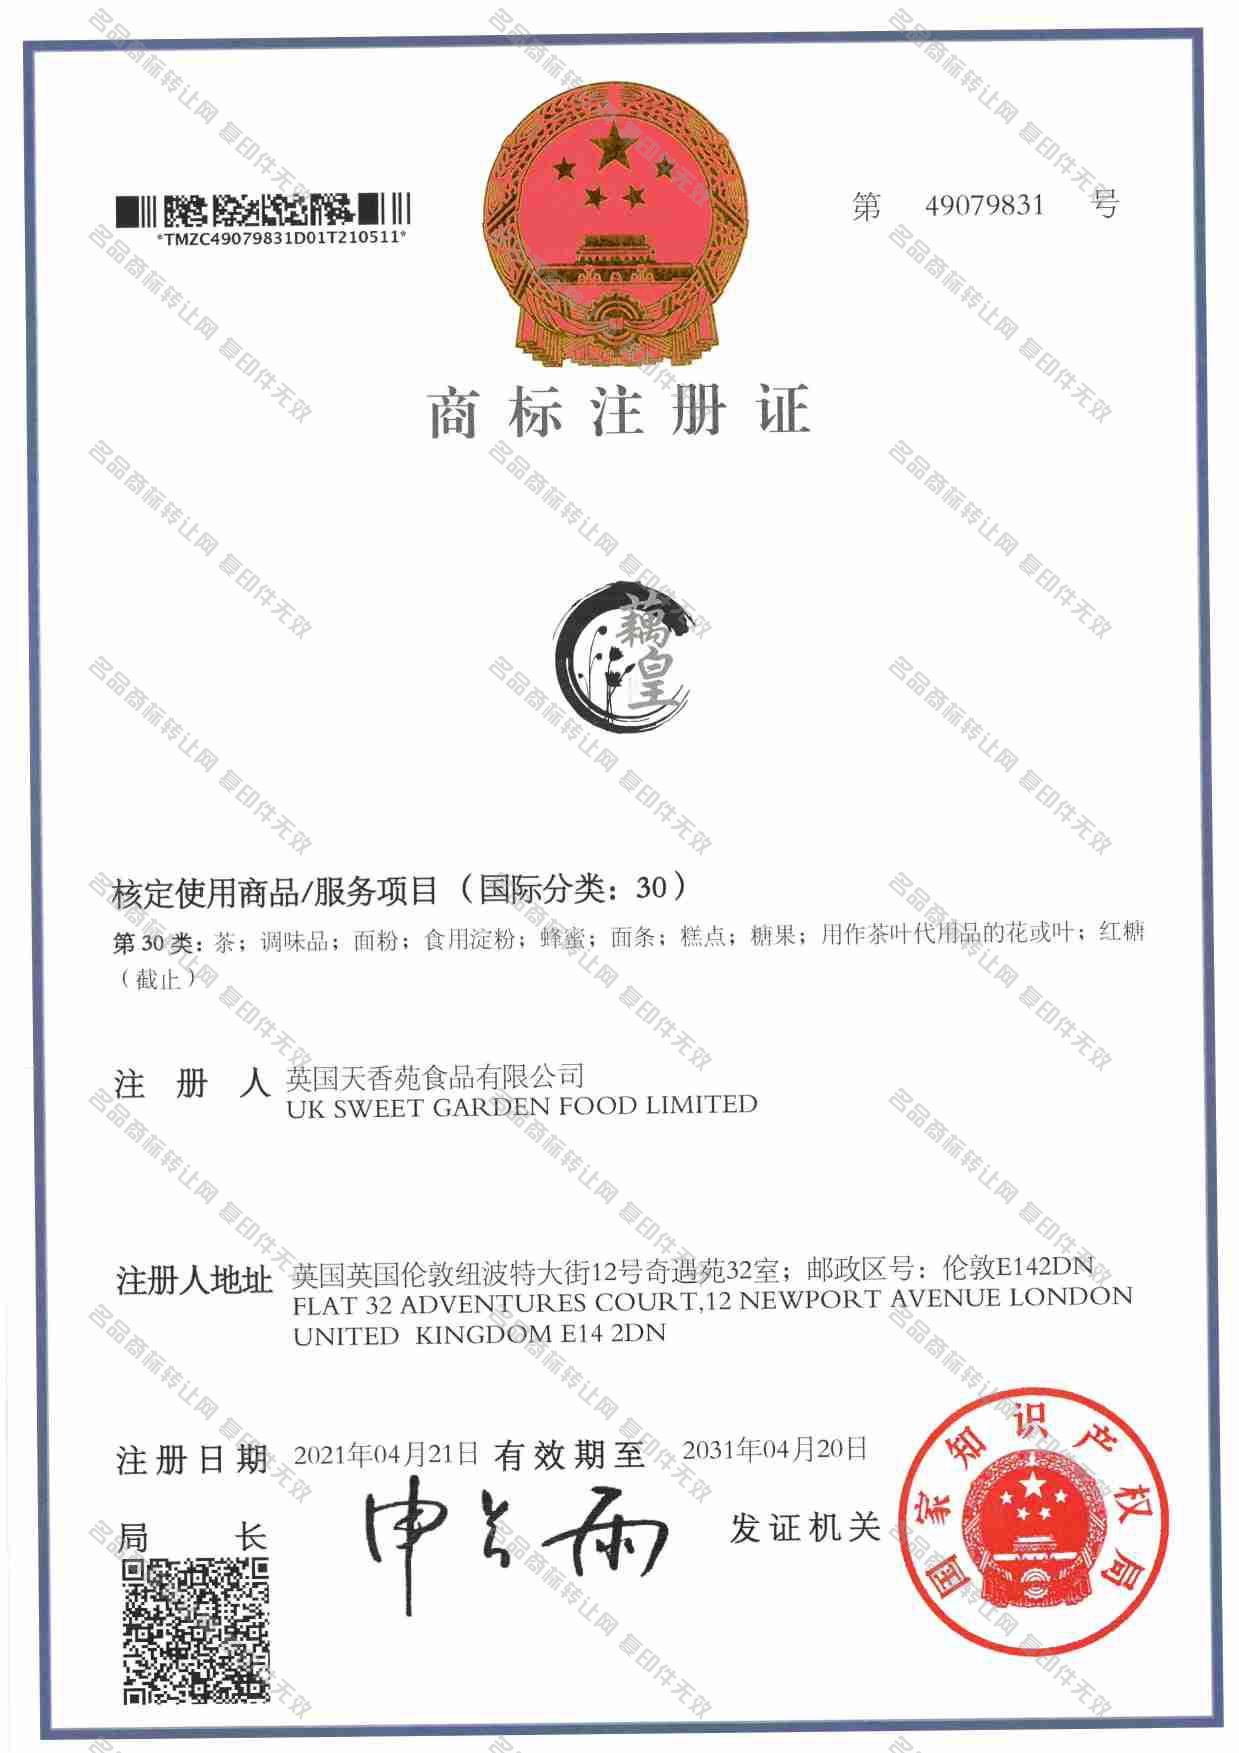 藕皇 LOTUS EMPEROR注册证